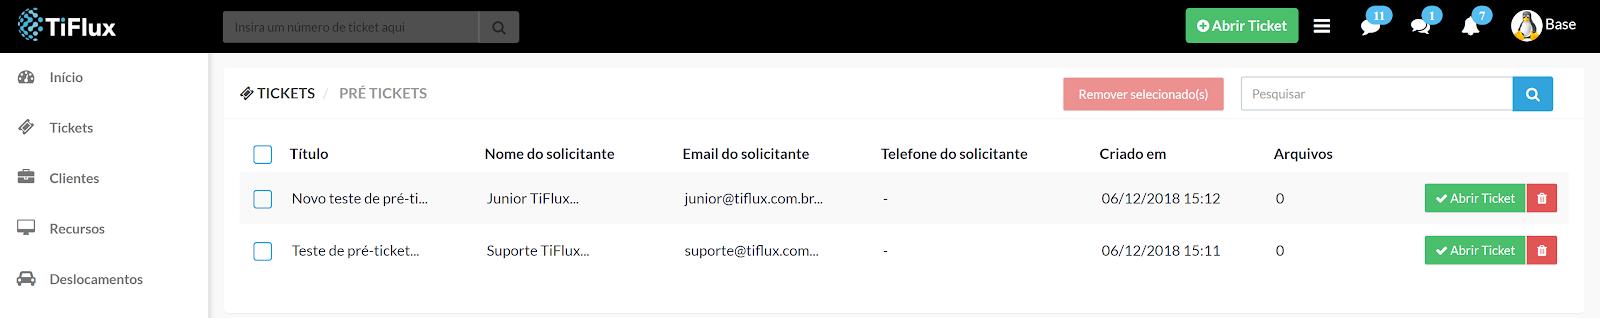 Configuração de e-mails para abertura de chamados no TiFlux